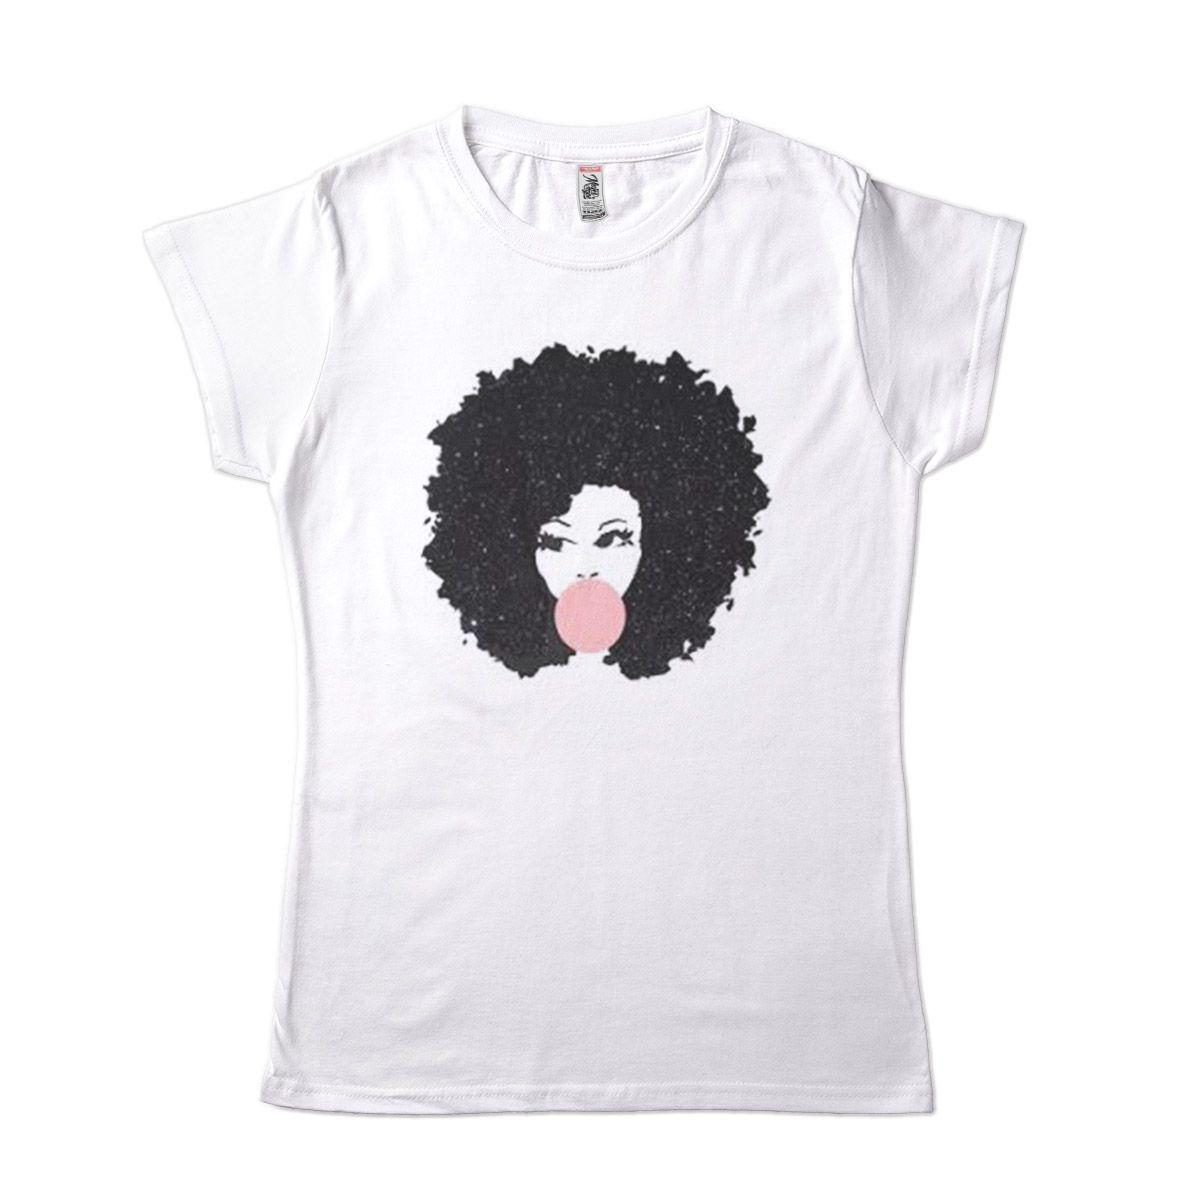 Camisa Afro estilosa mascando chiclete